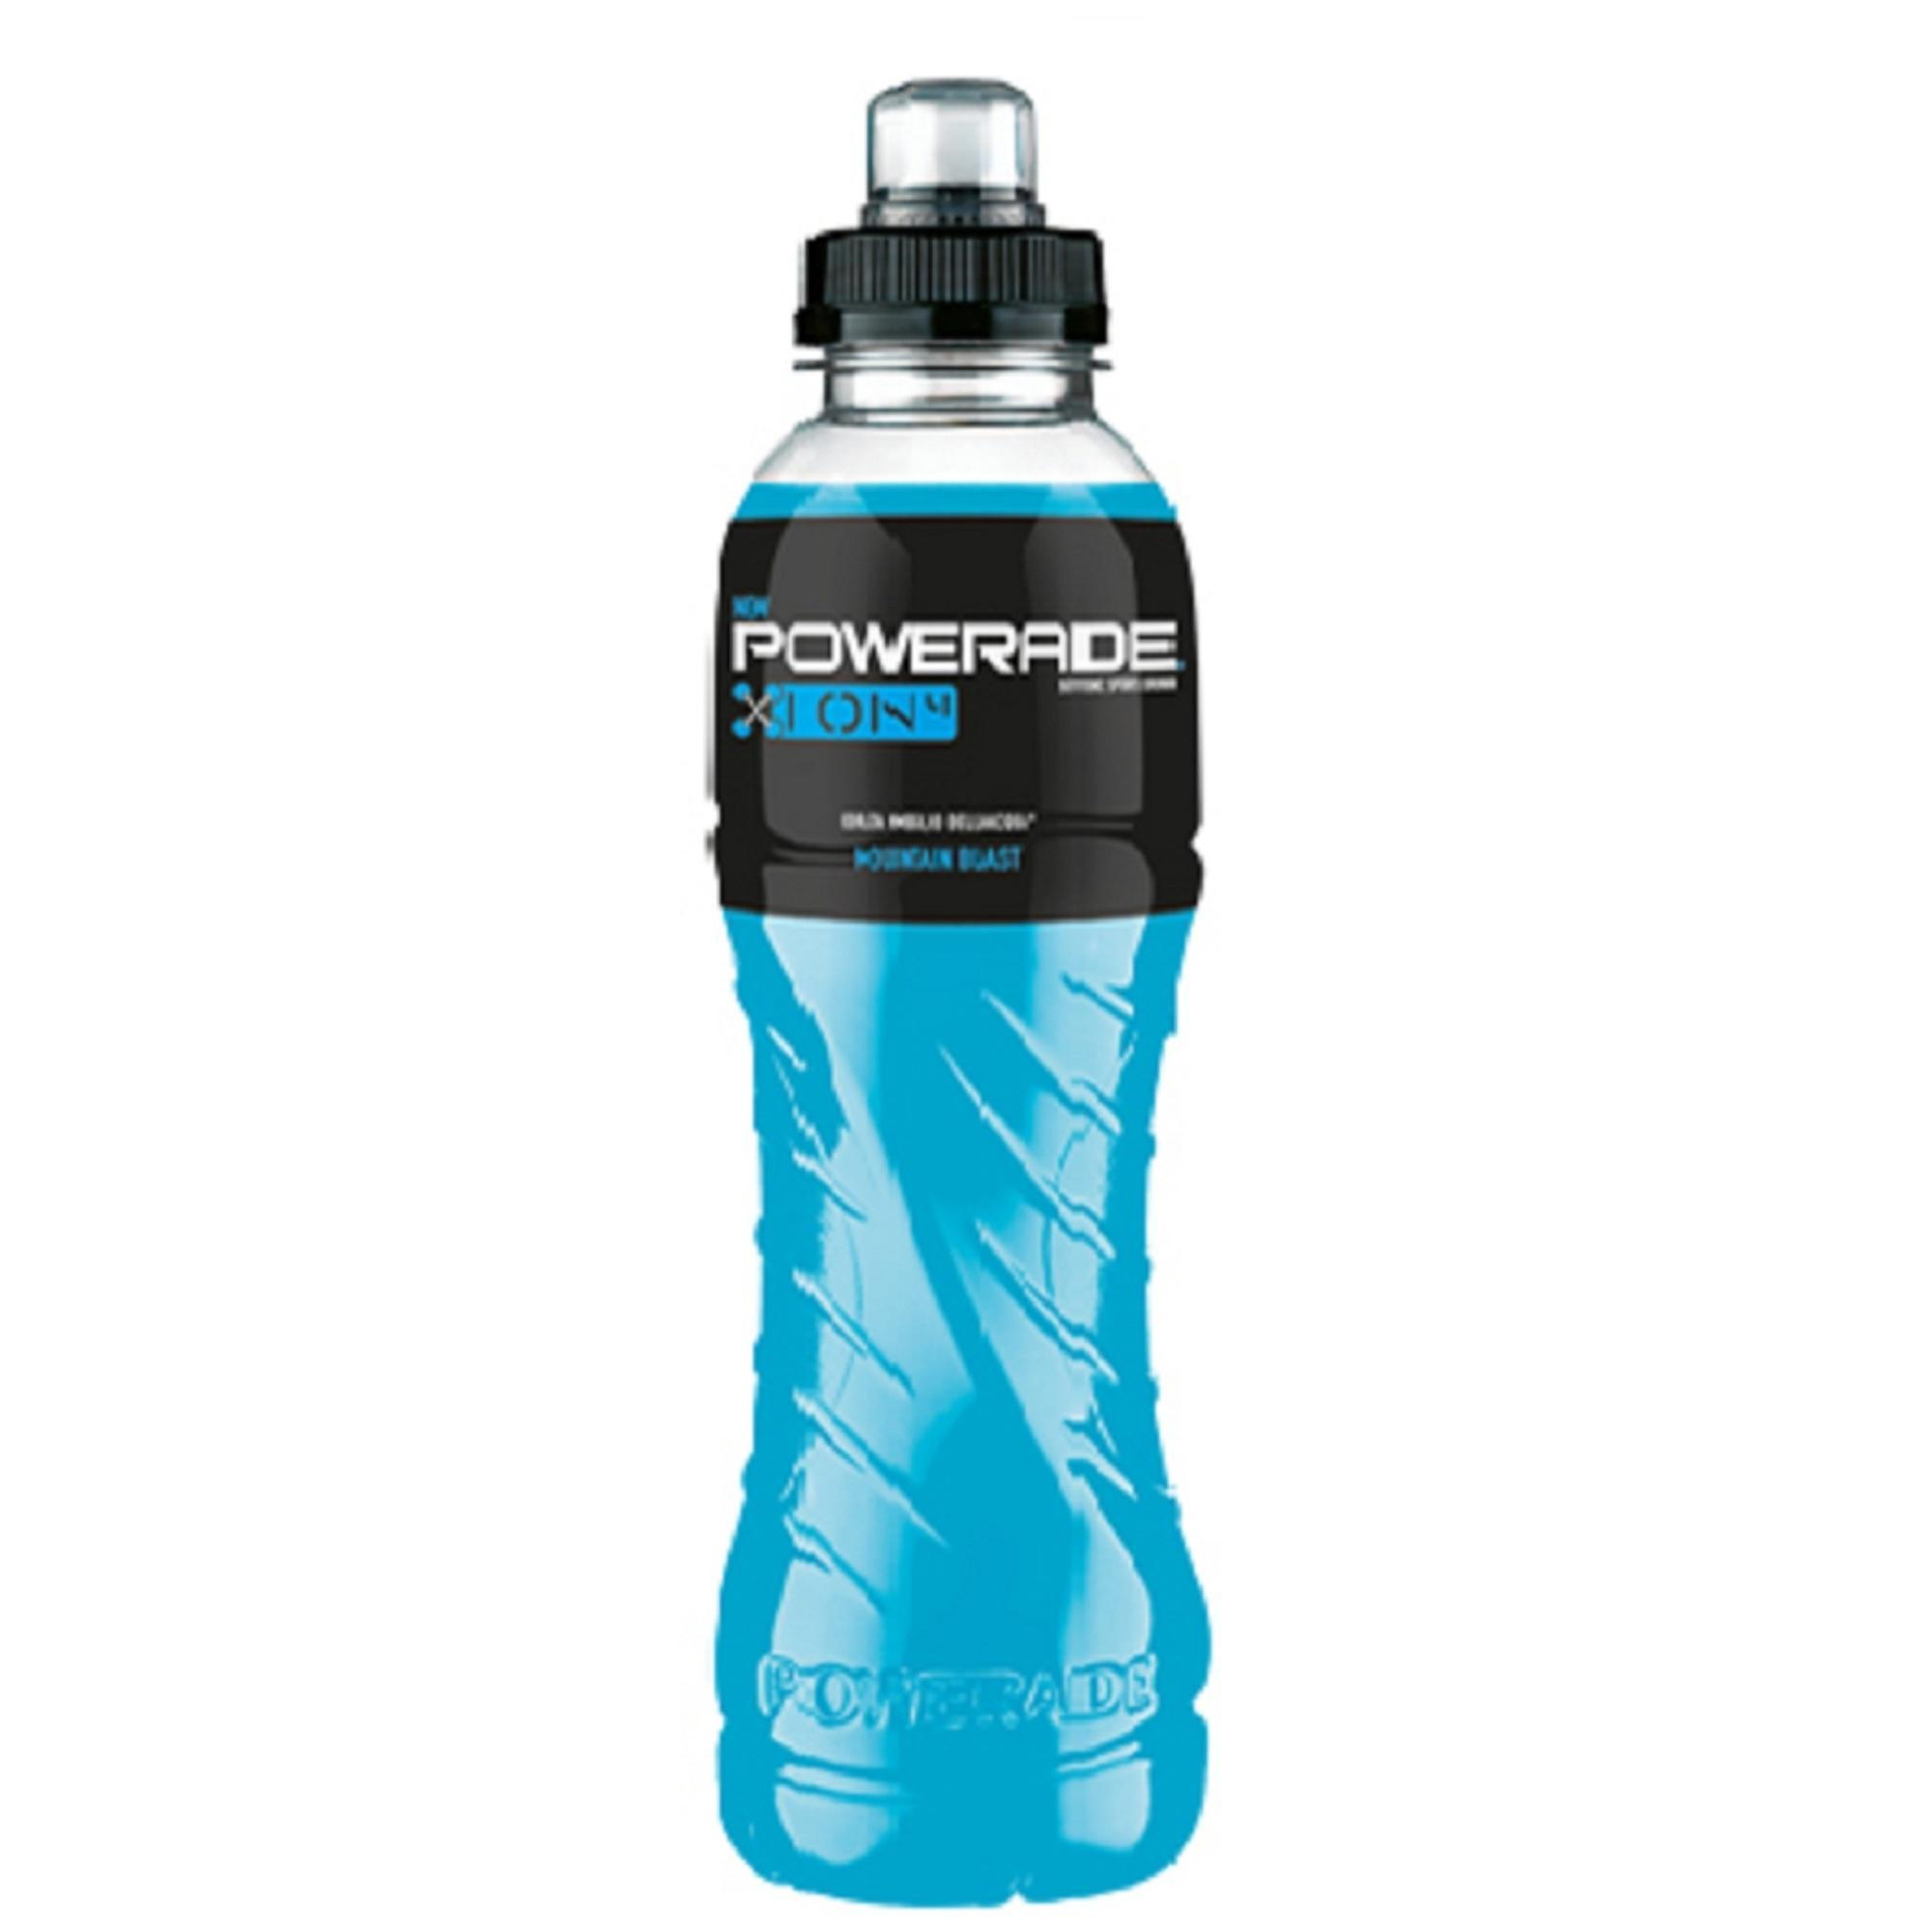 POWERADE. Bevanda Mountain Blast powerade 500ml